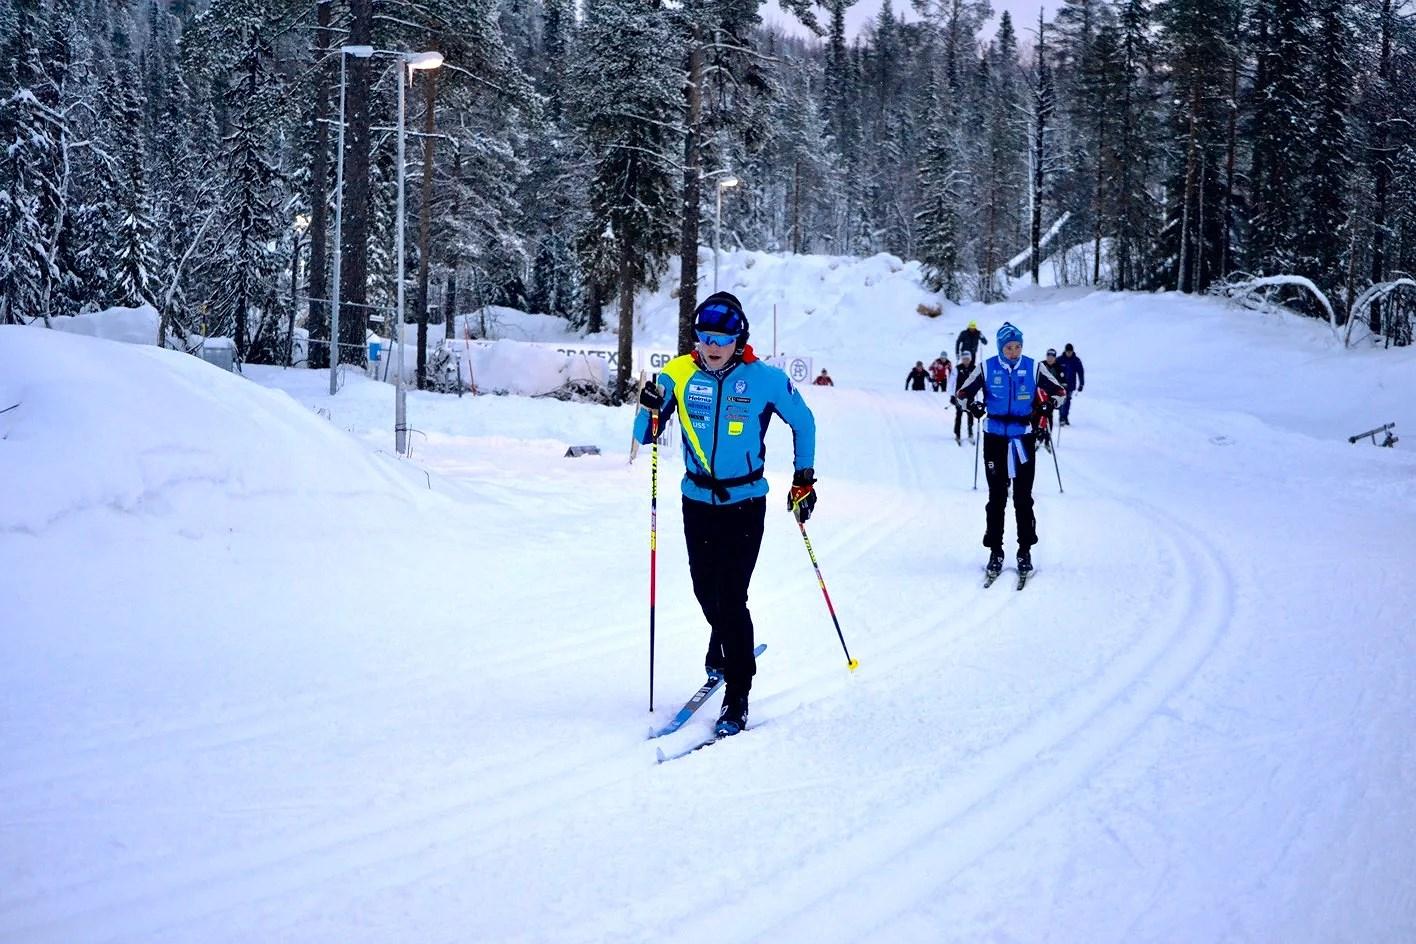 Avstod sprinten idag!